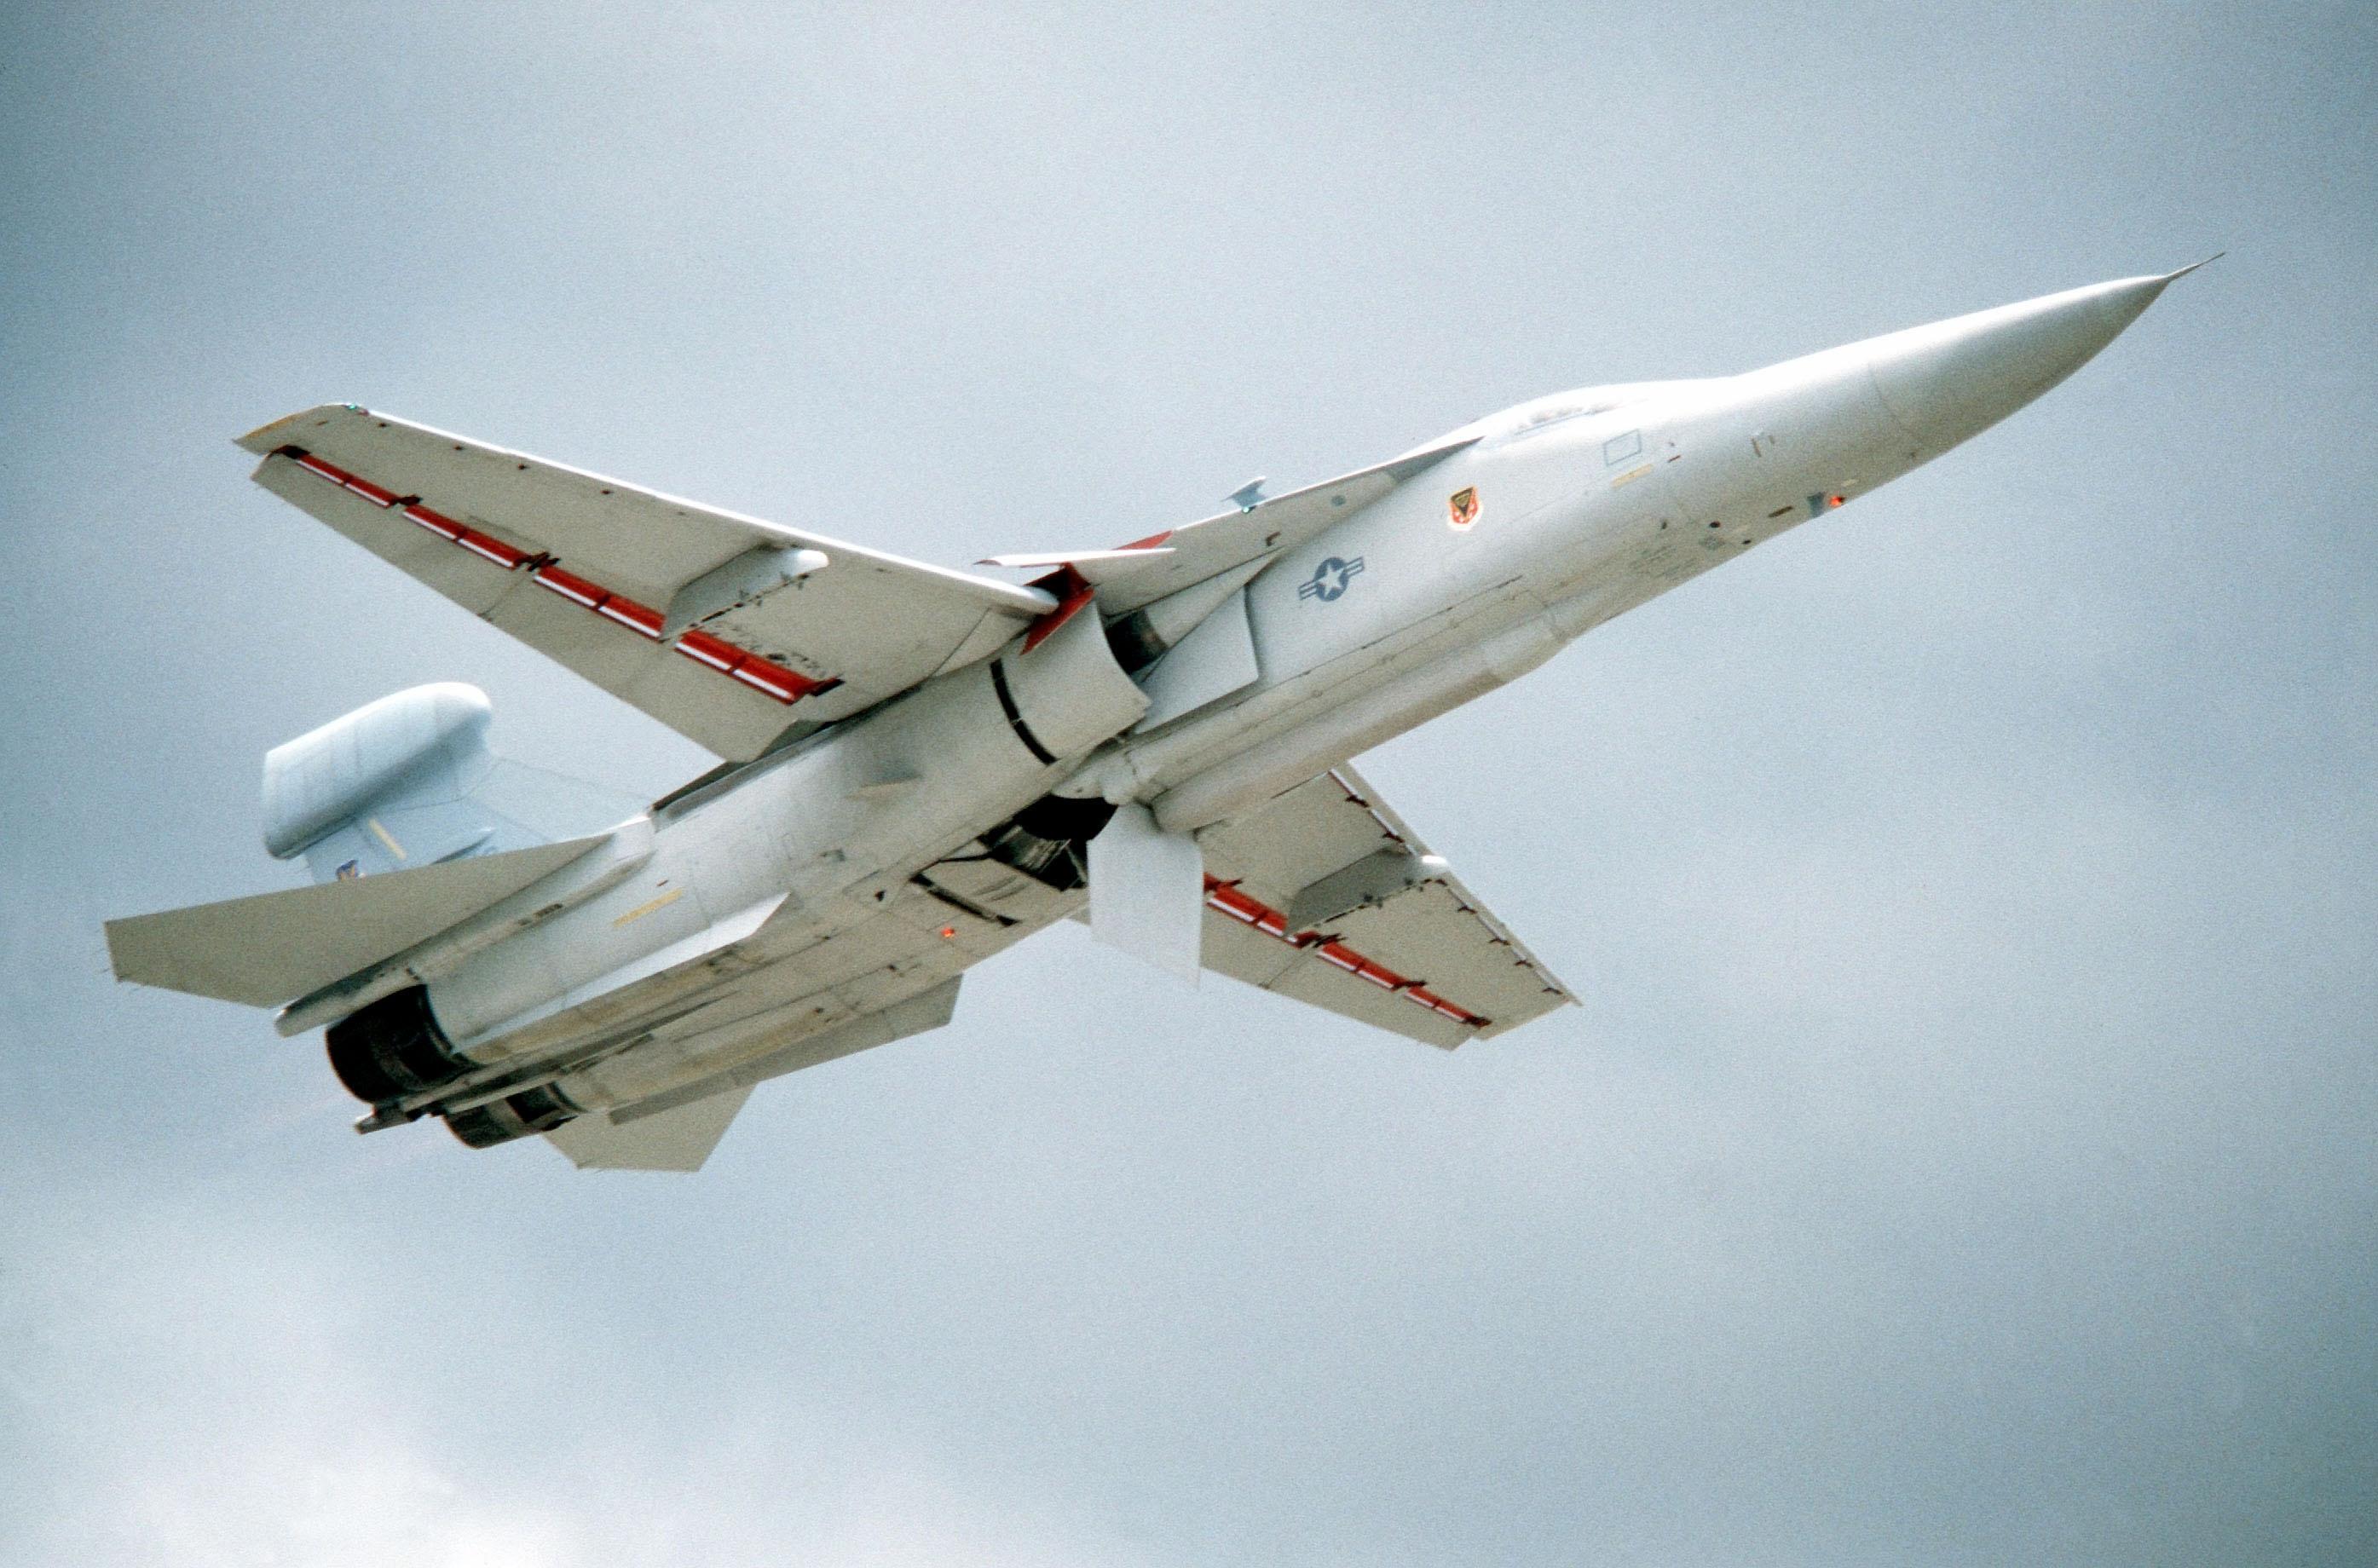 File:EF-111A Raven underside.jpg - Wikimedia Commons